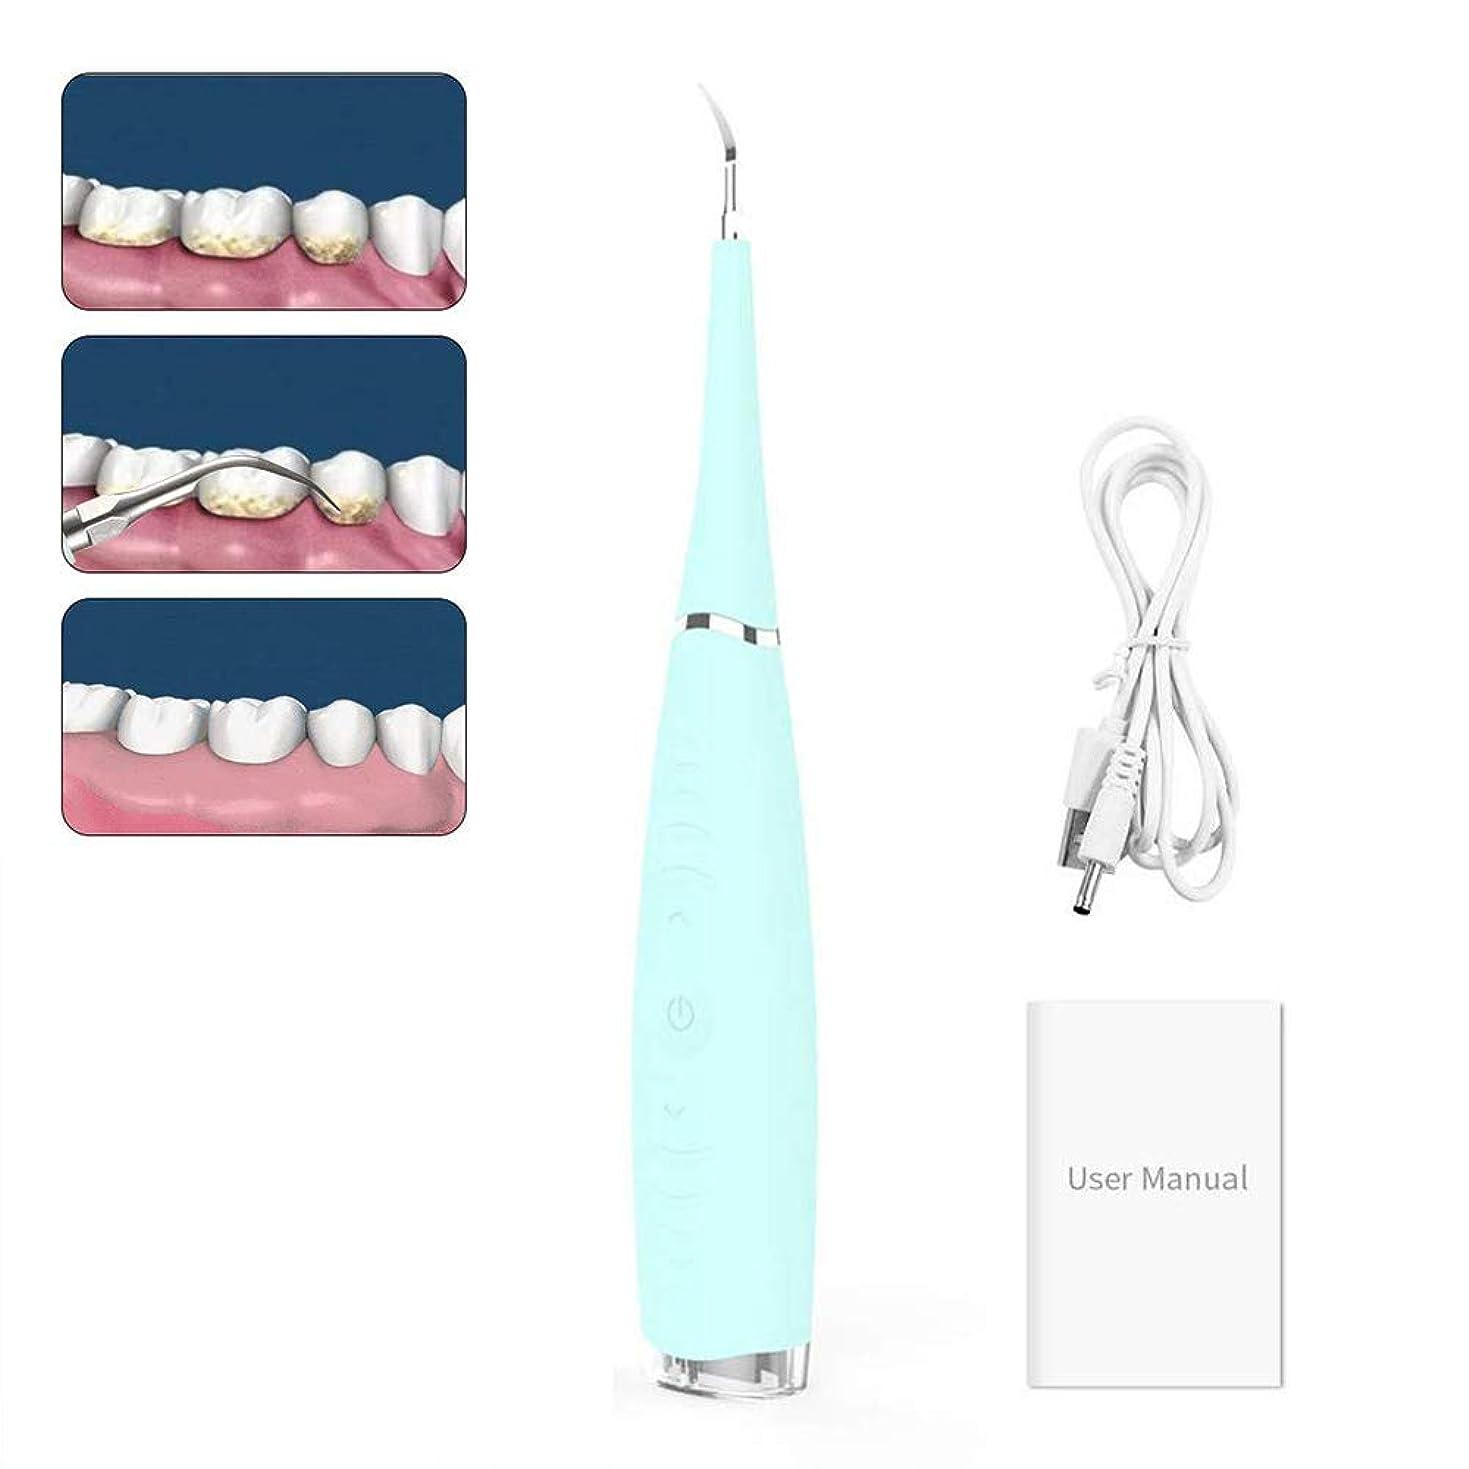 味わううそつき除外する電気音波歯石歯垢除去ツールキット - 歯スクレーパー歯石除去クリーナー歯の汚れ、歯垢除去、5調整可能モード